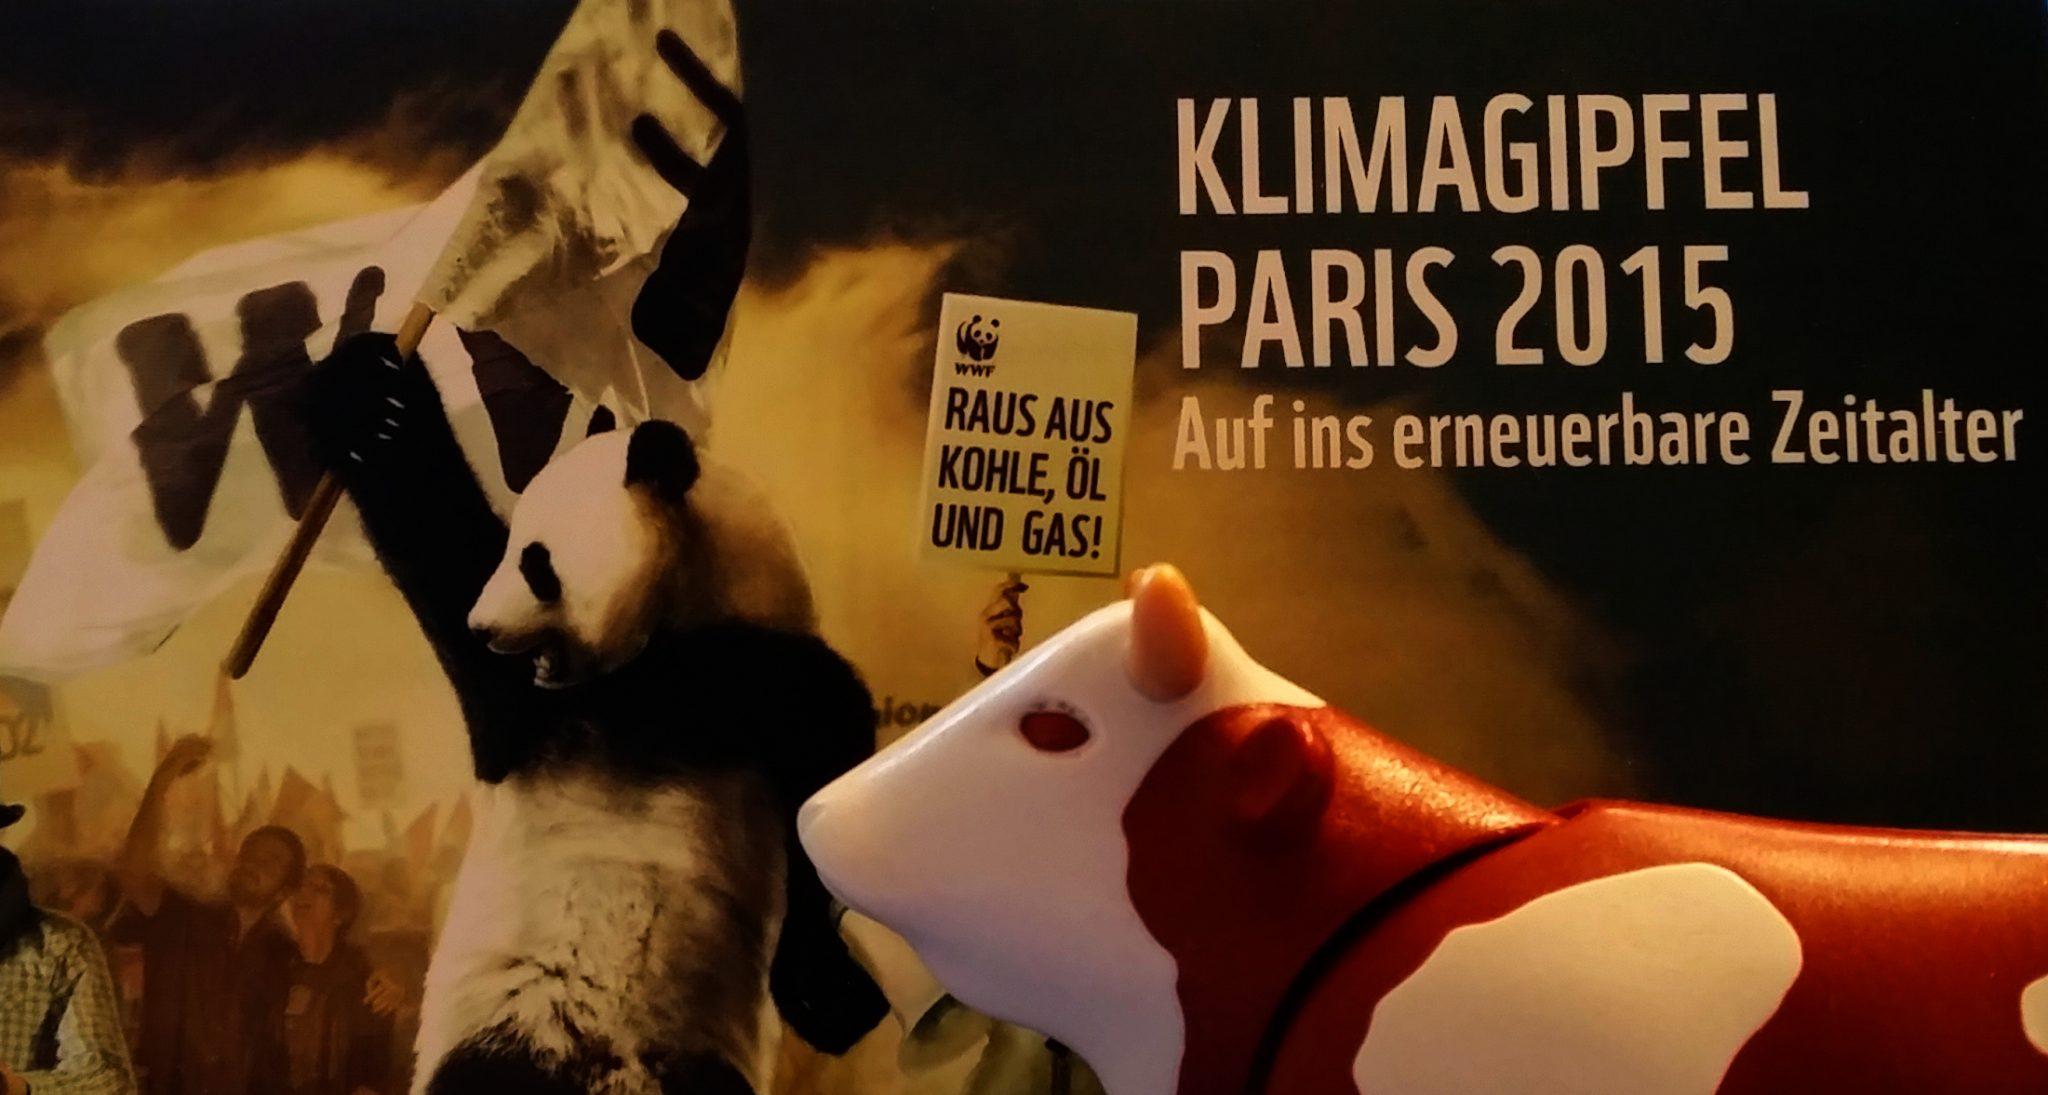 Plastikkuh vor WWF-Plakat zum Klimaschutz.